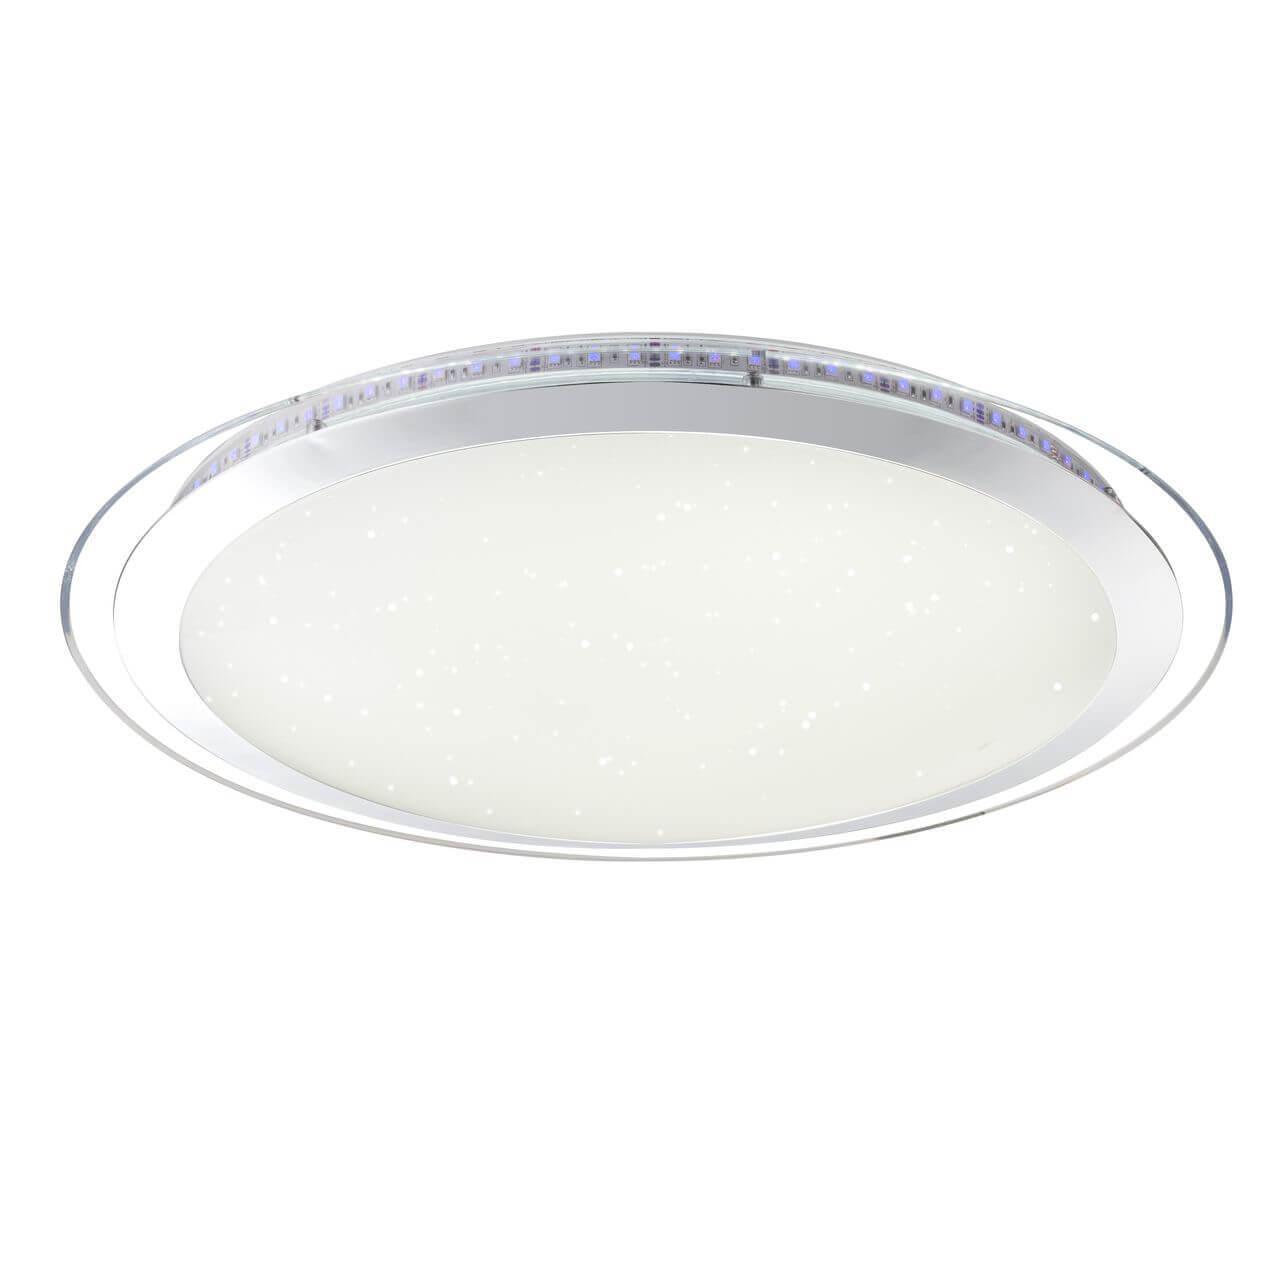 Потолочный светодиодный светильник Globo Nicole 48365-60